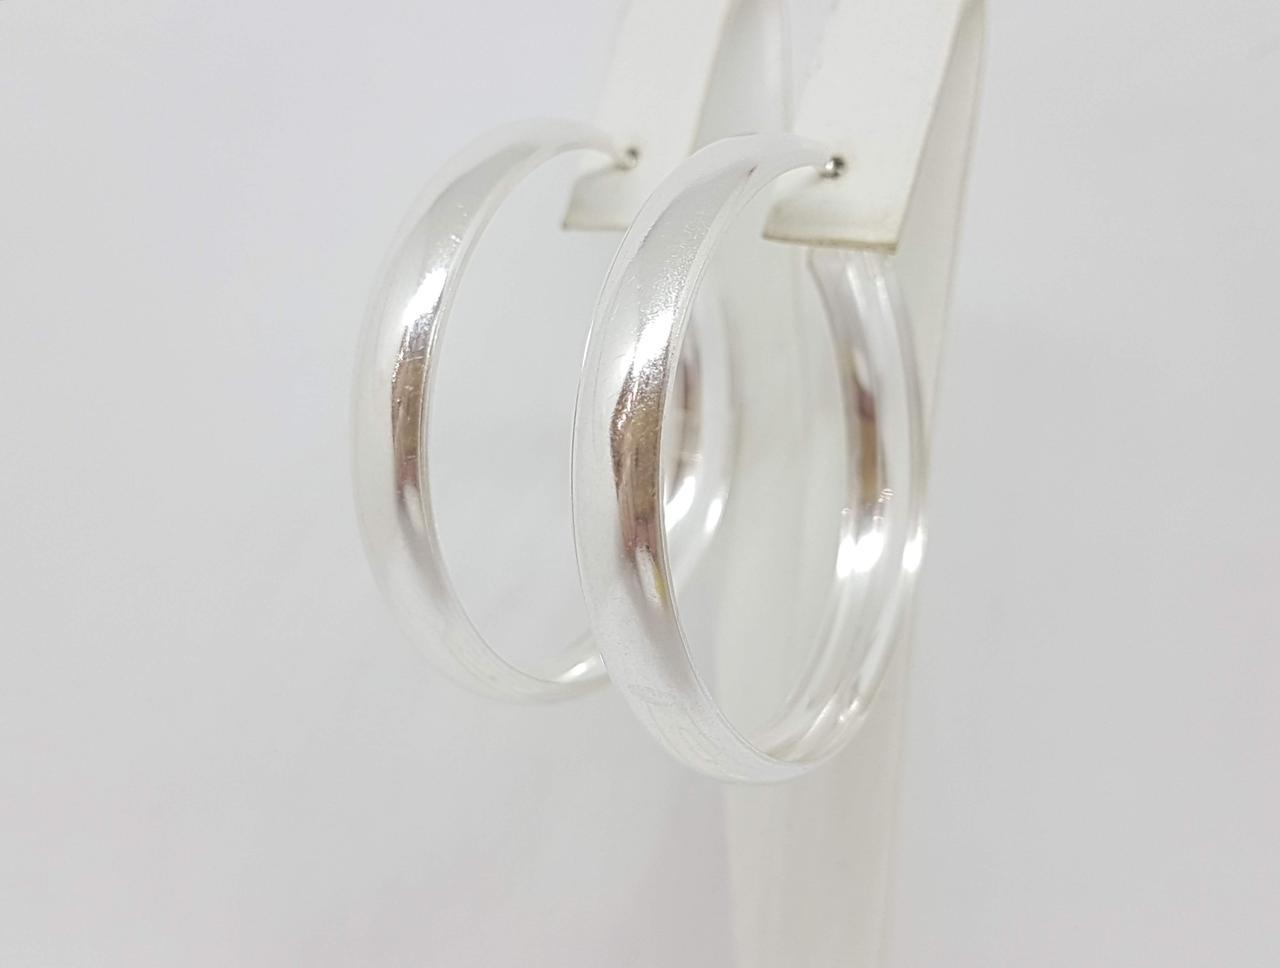 Серебряные серьги. Артикул 2640